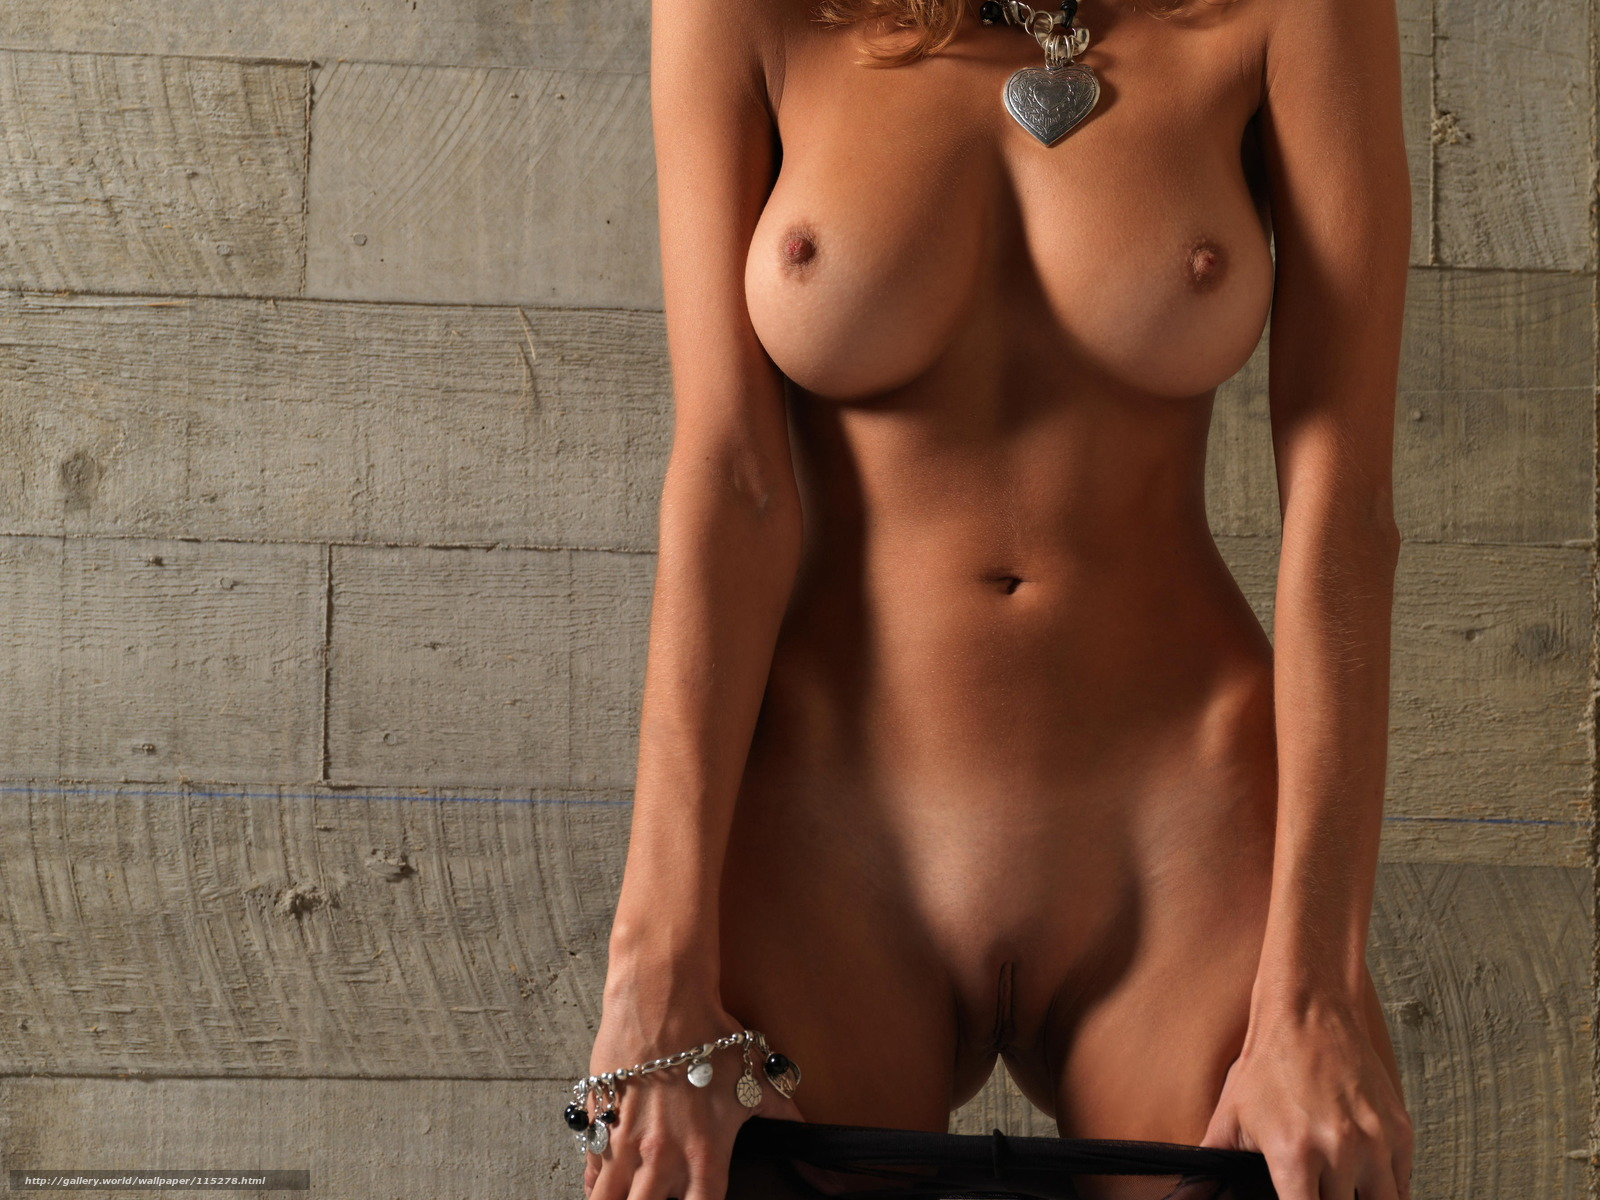 Фото идеальной киски девушки 15 фотография